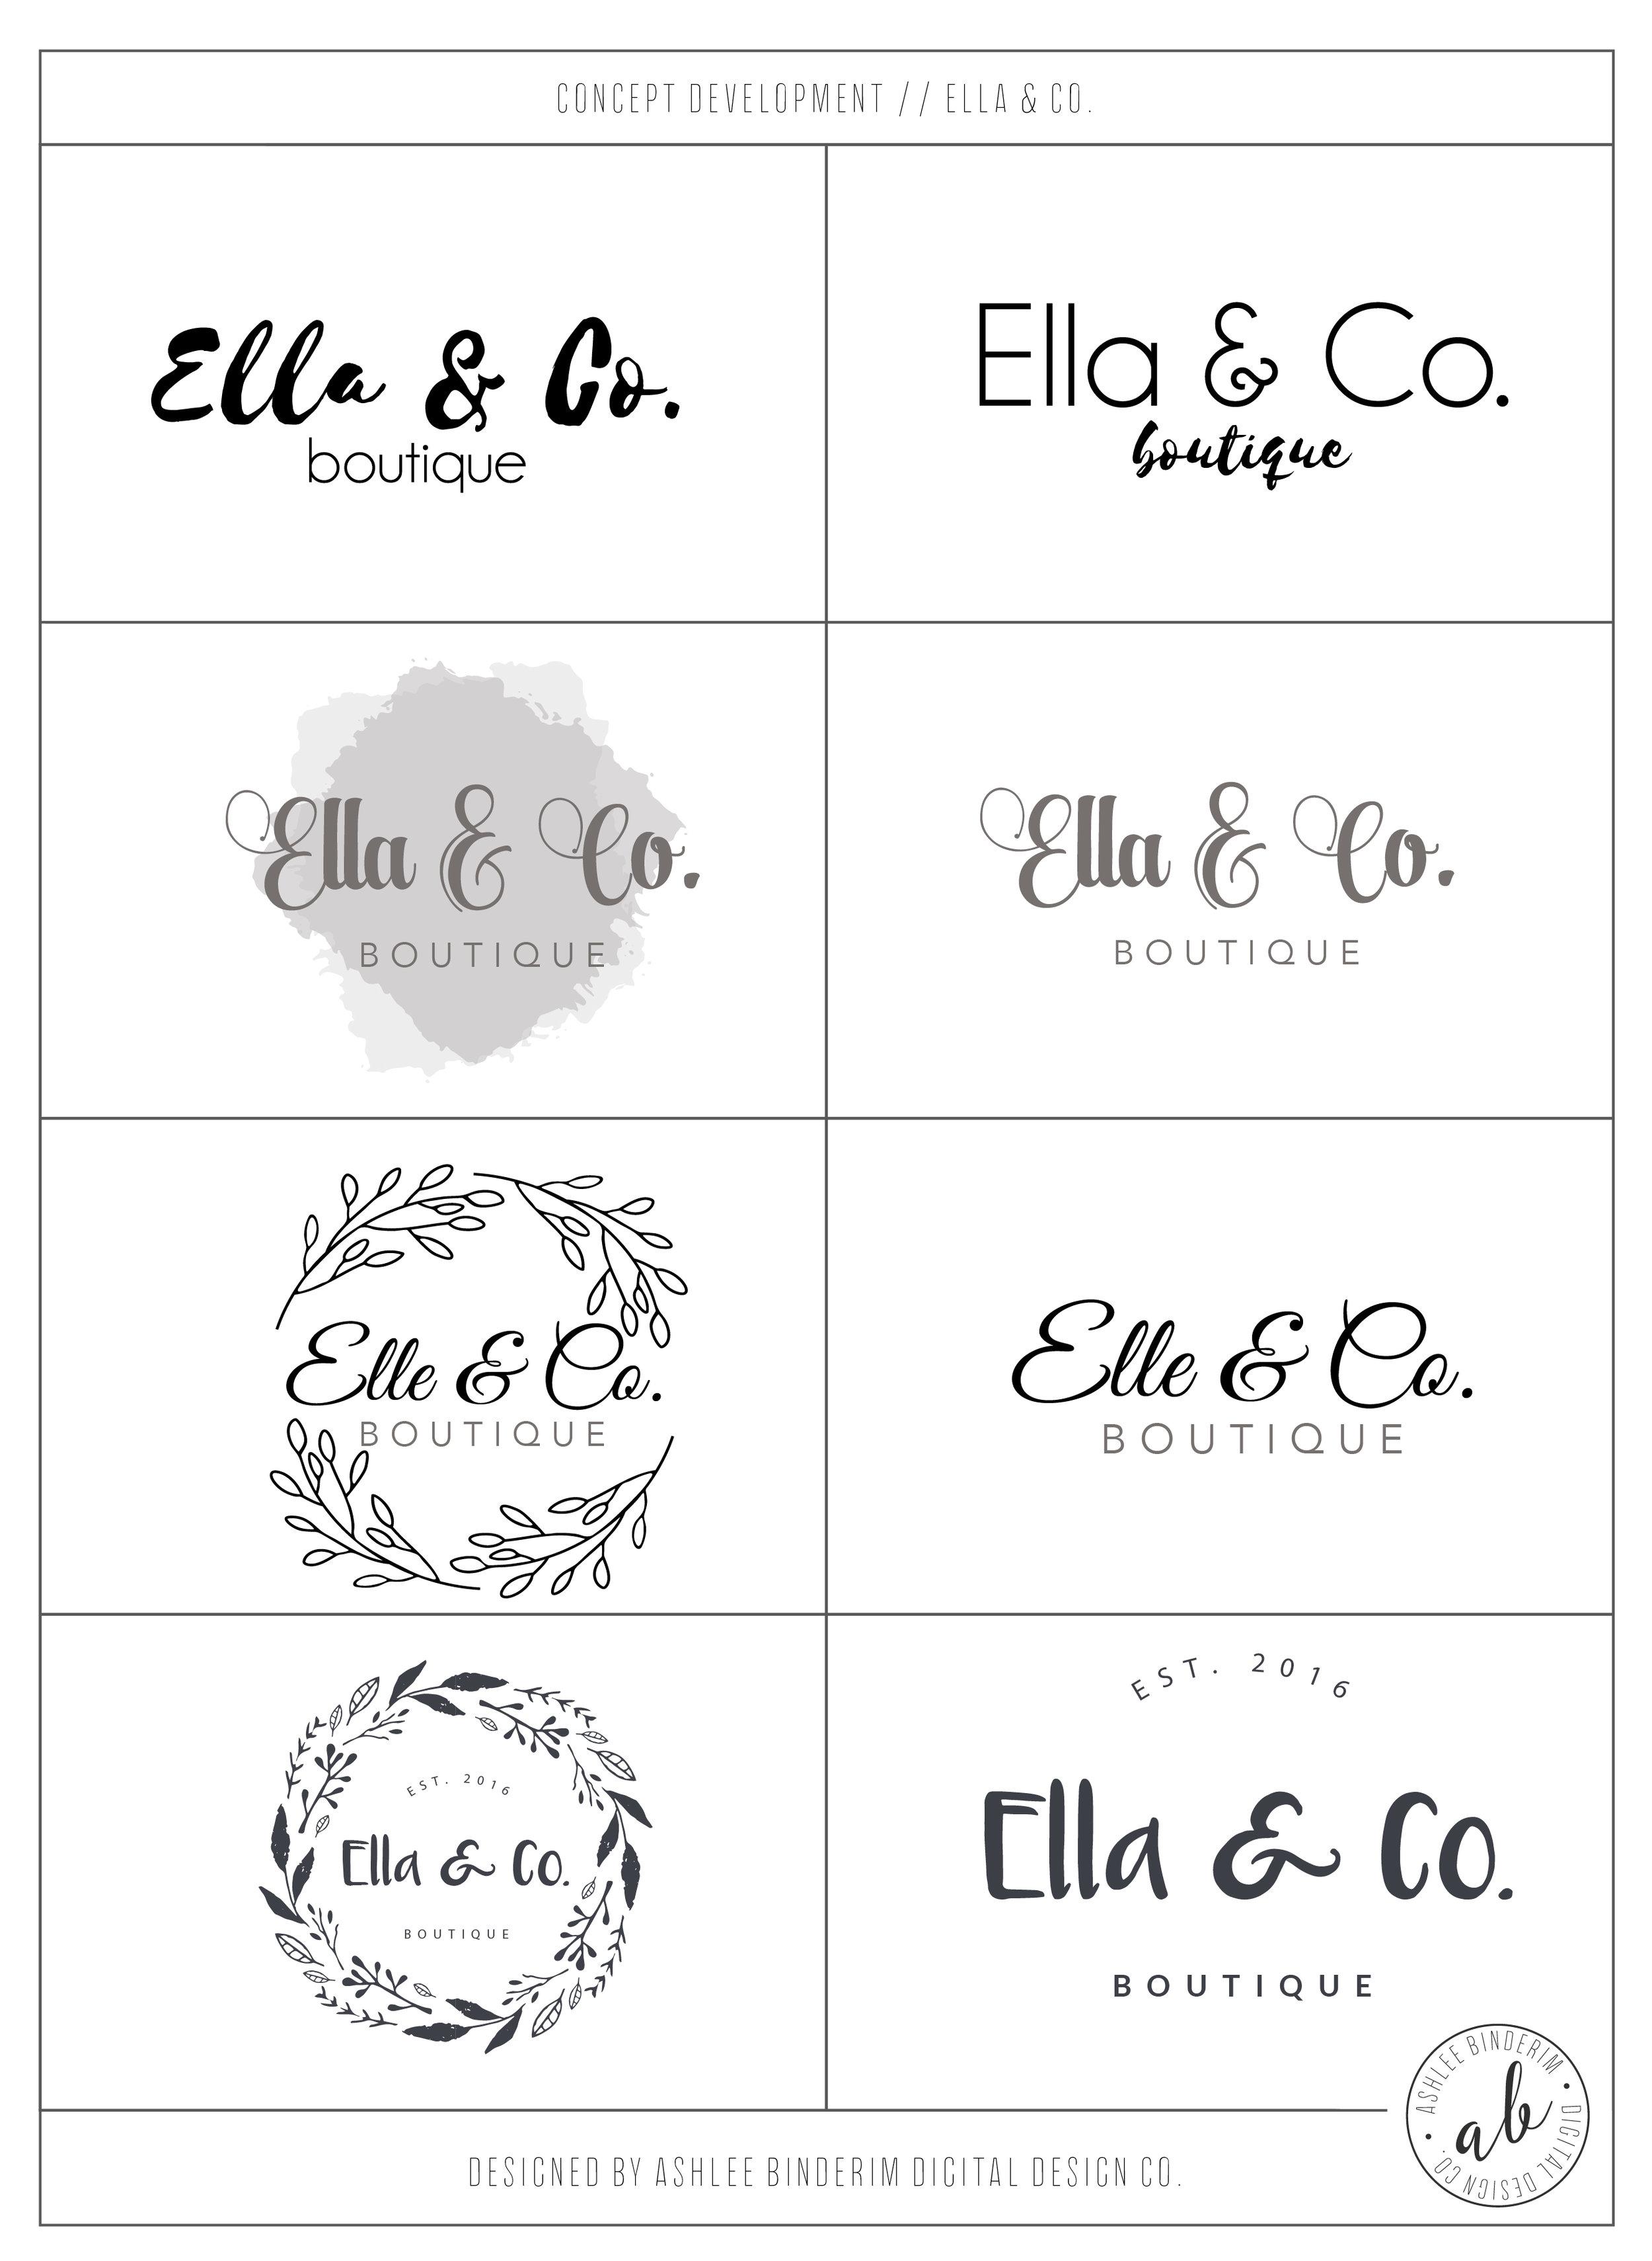 Ella & Co. Concept Development